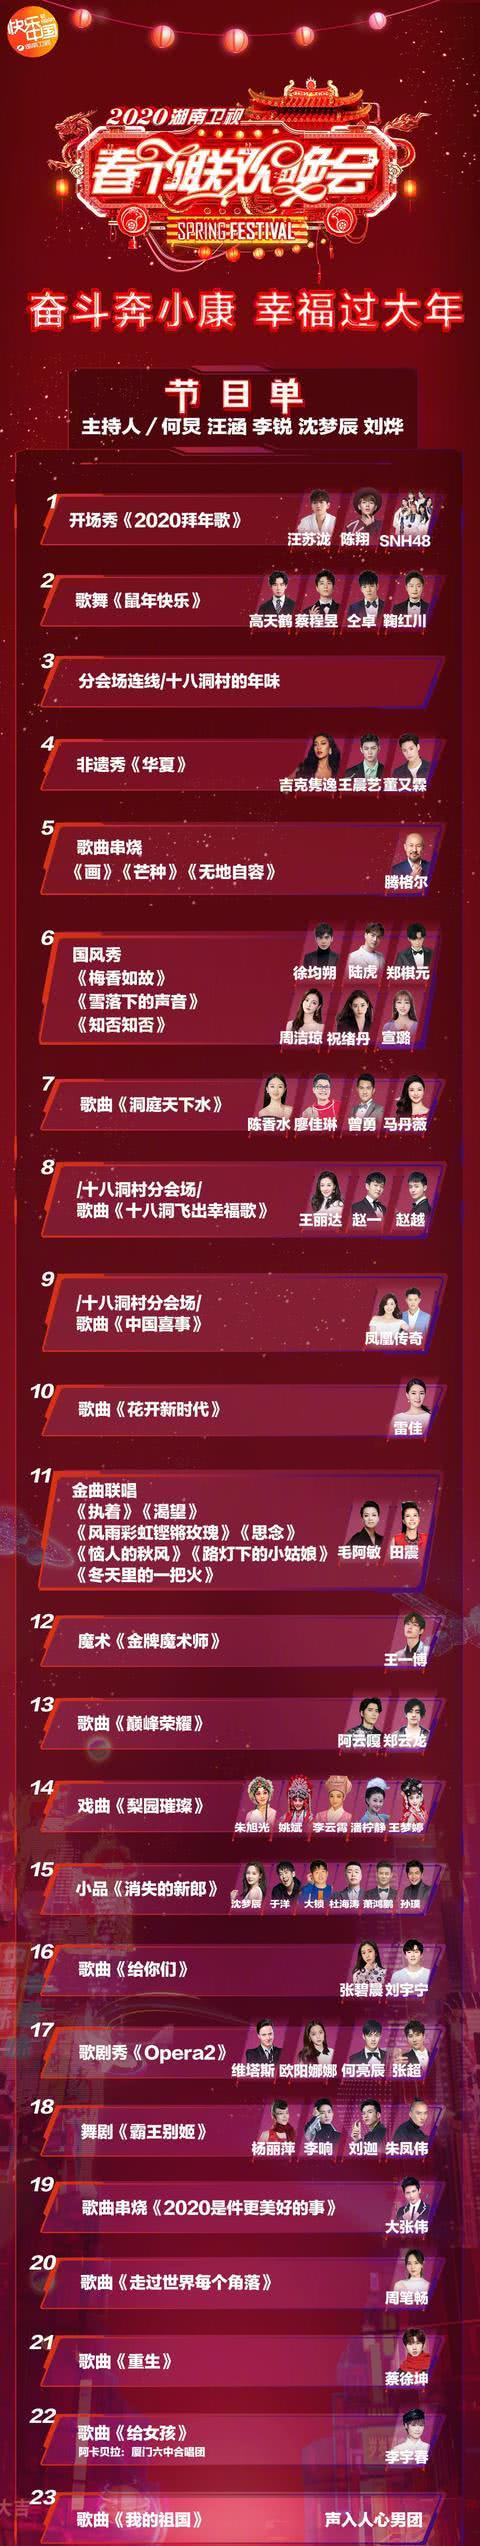 湖南卫视春晚节目单:王一博表演魔术,李宇春压轴,谢娜无缘主持